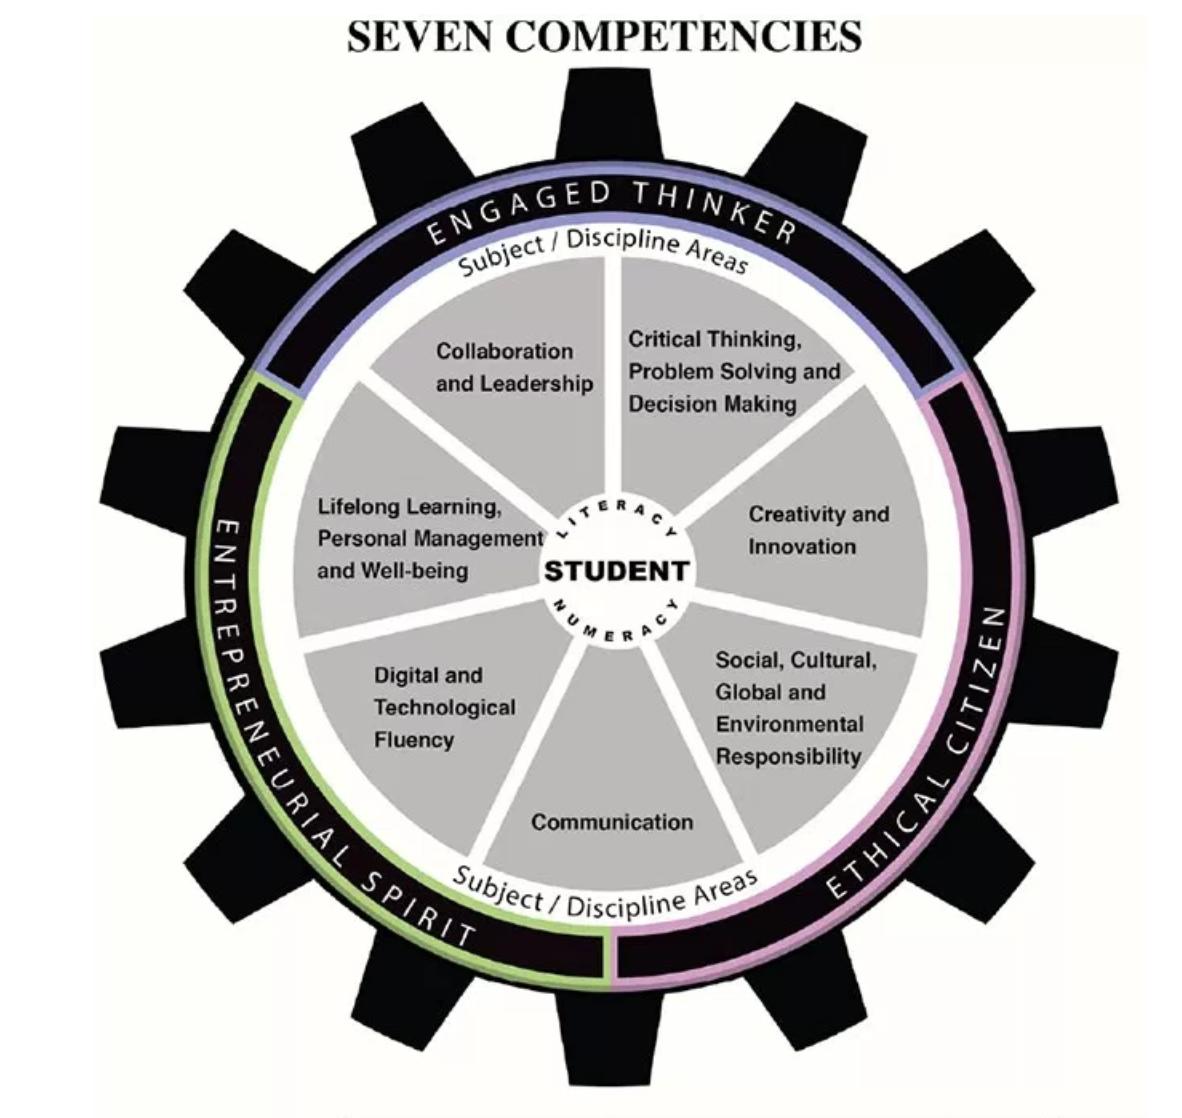 Seven Competencies